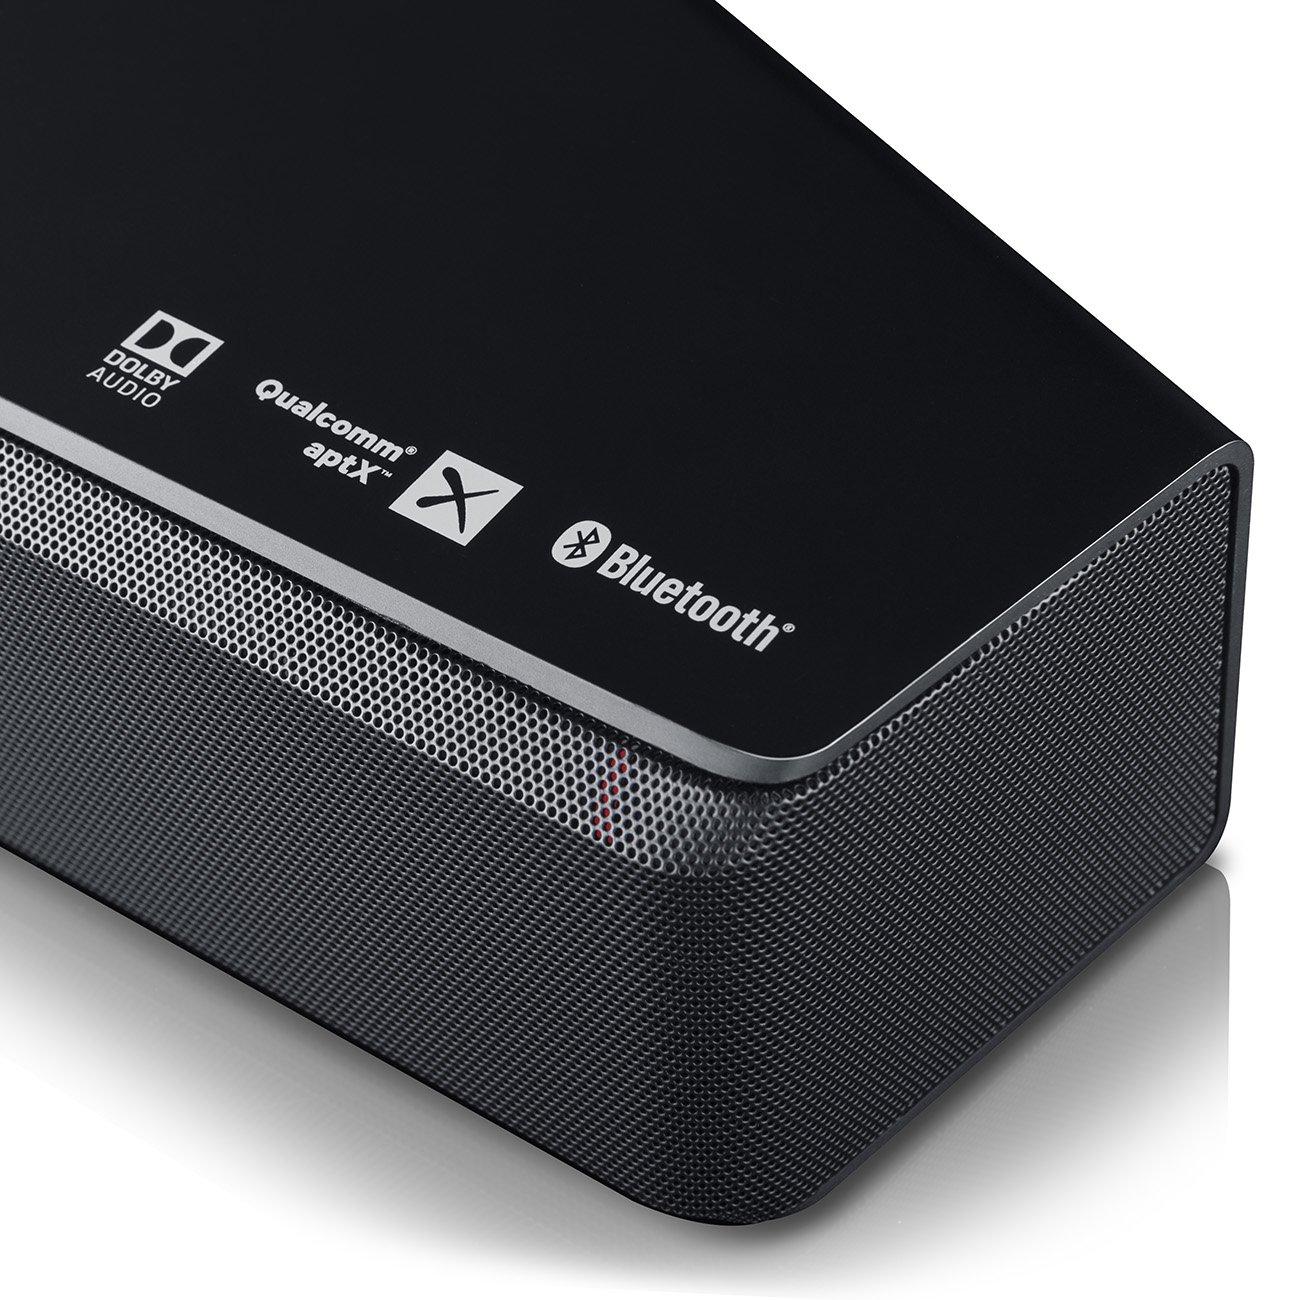 Die Cinebar unterstützt 5.1 Sound über Netflix